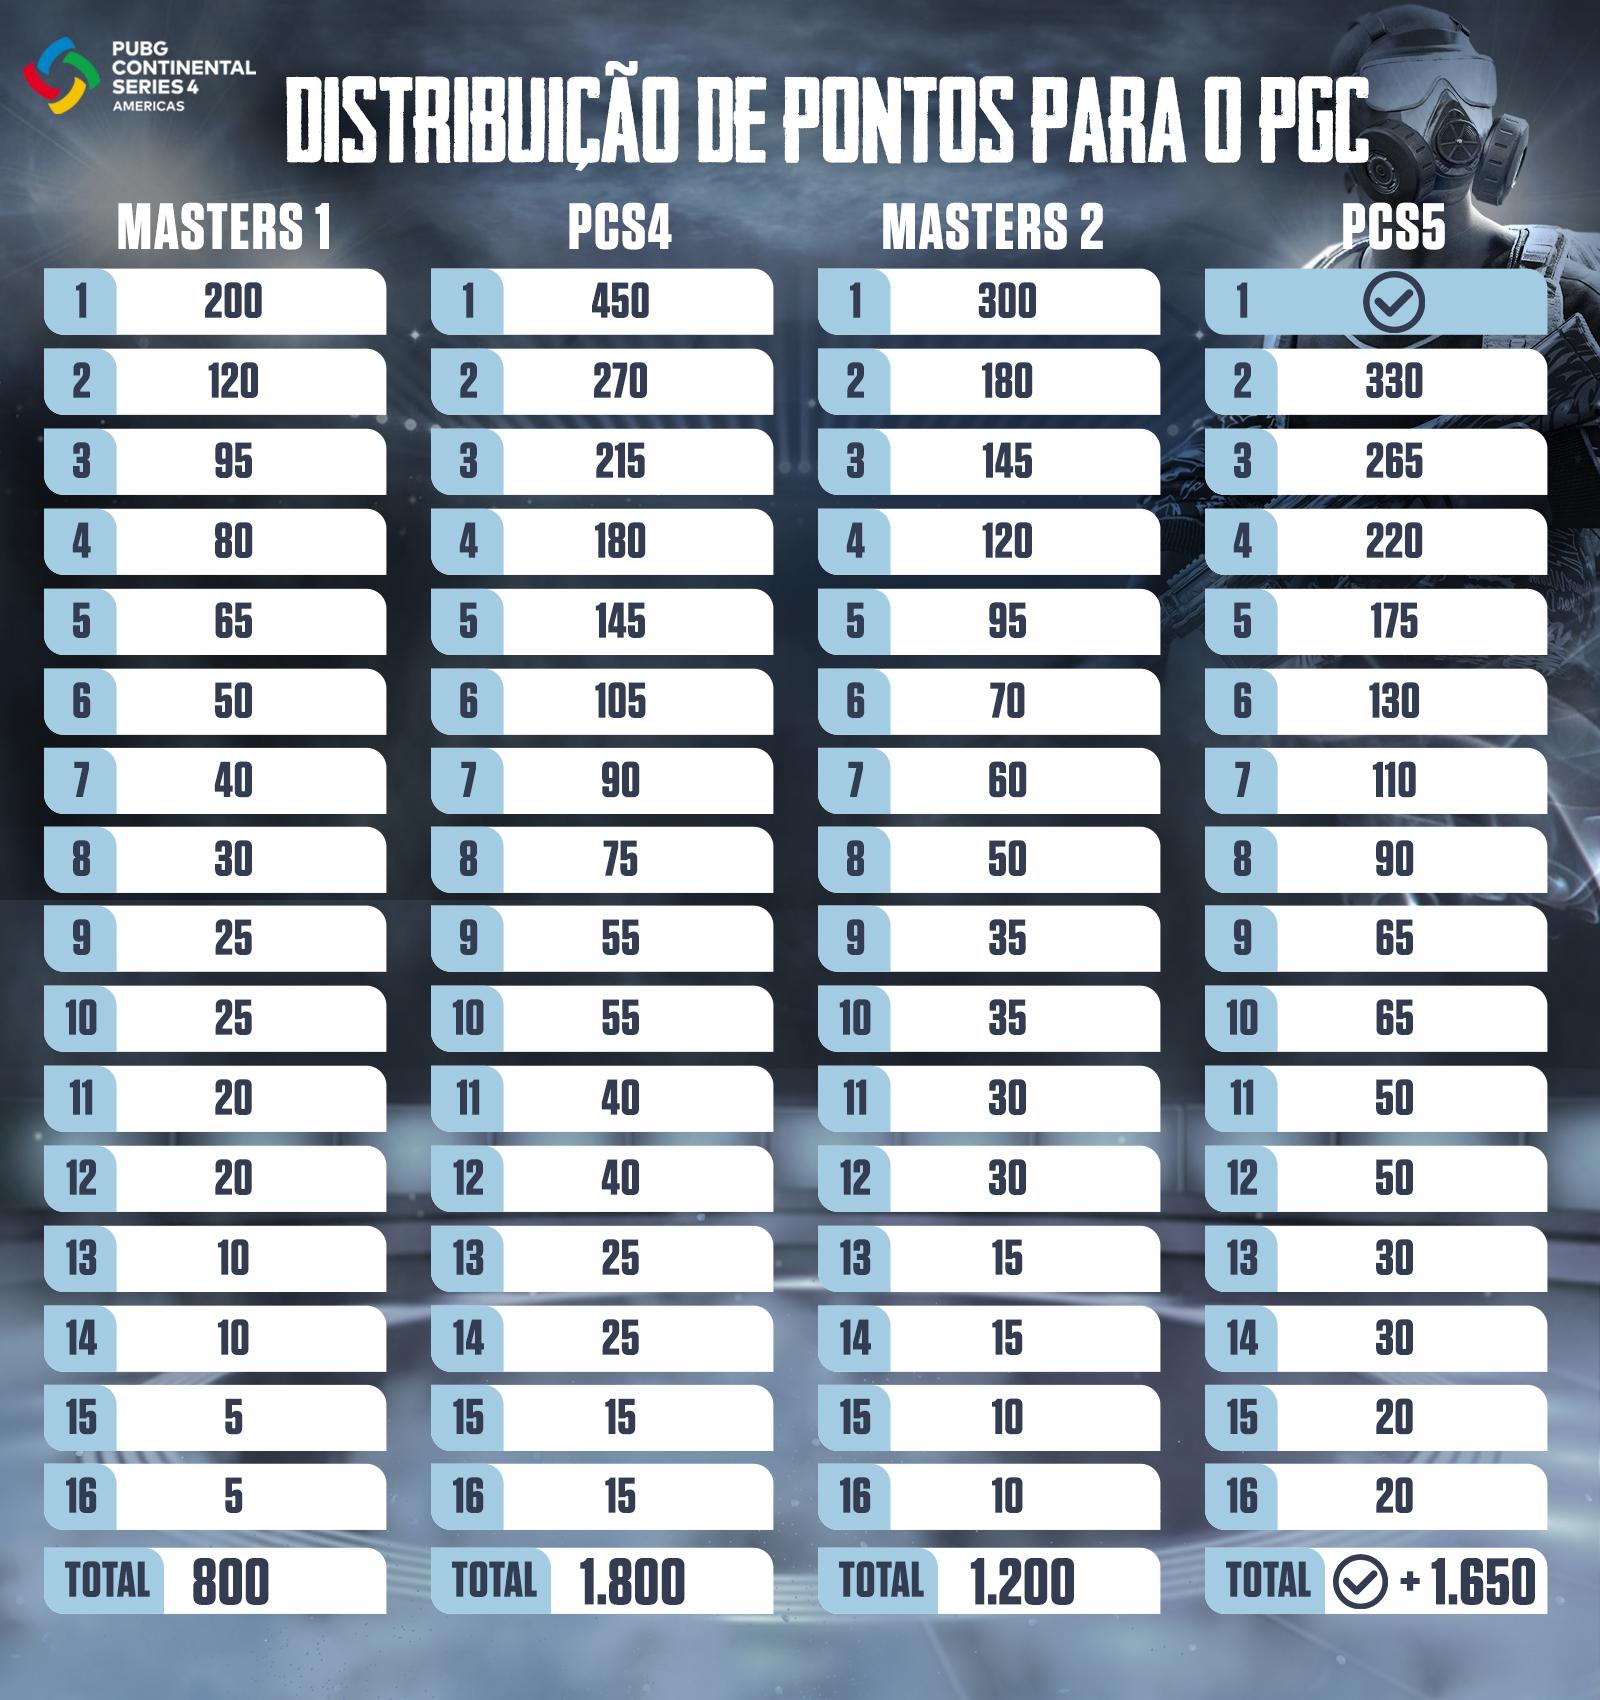 Tabela de distribuição de pontos para o PGC